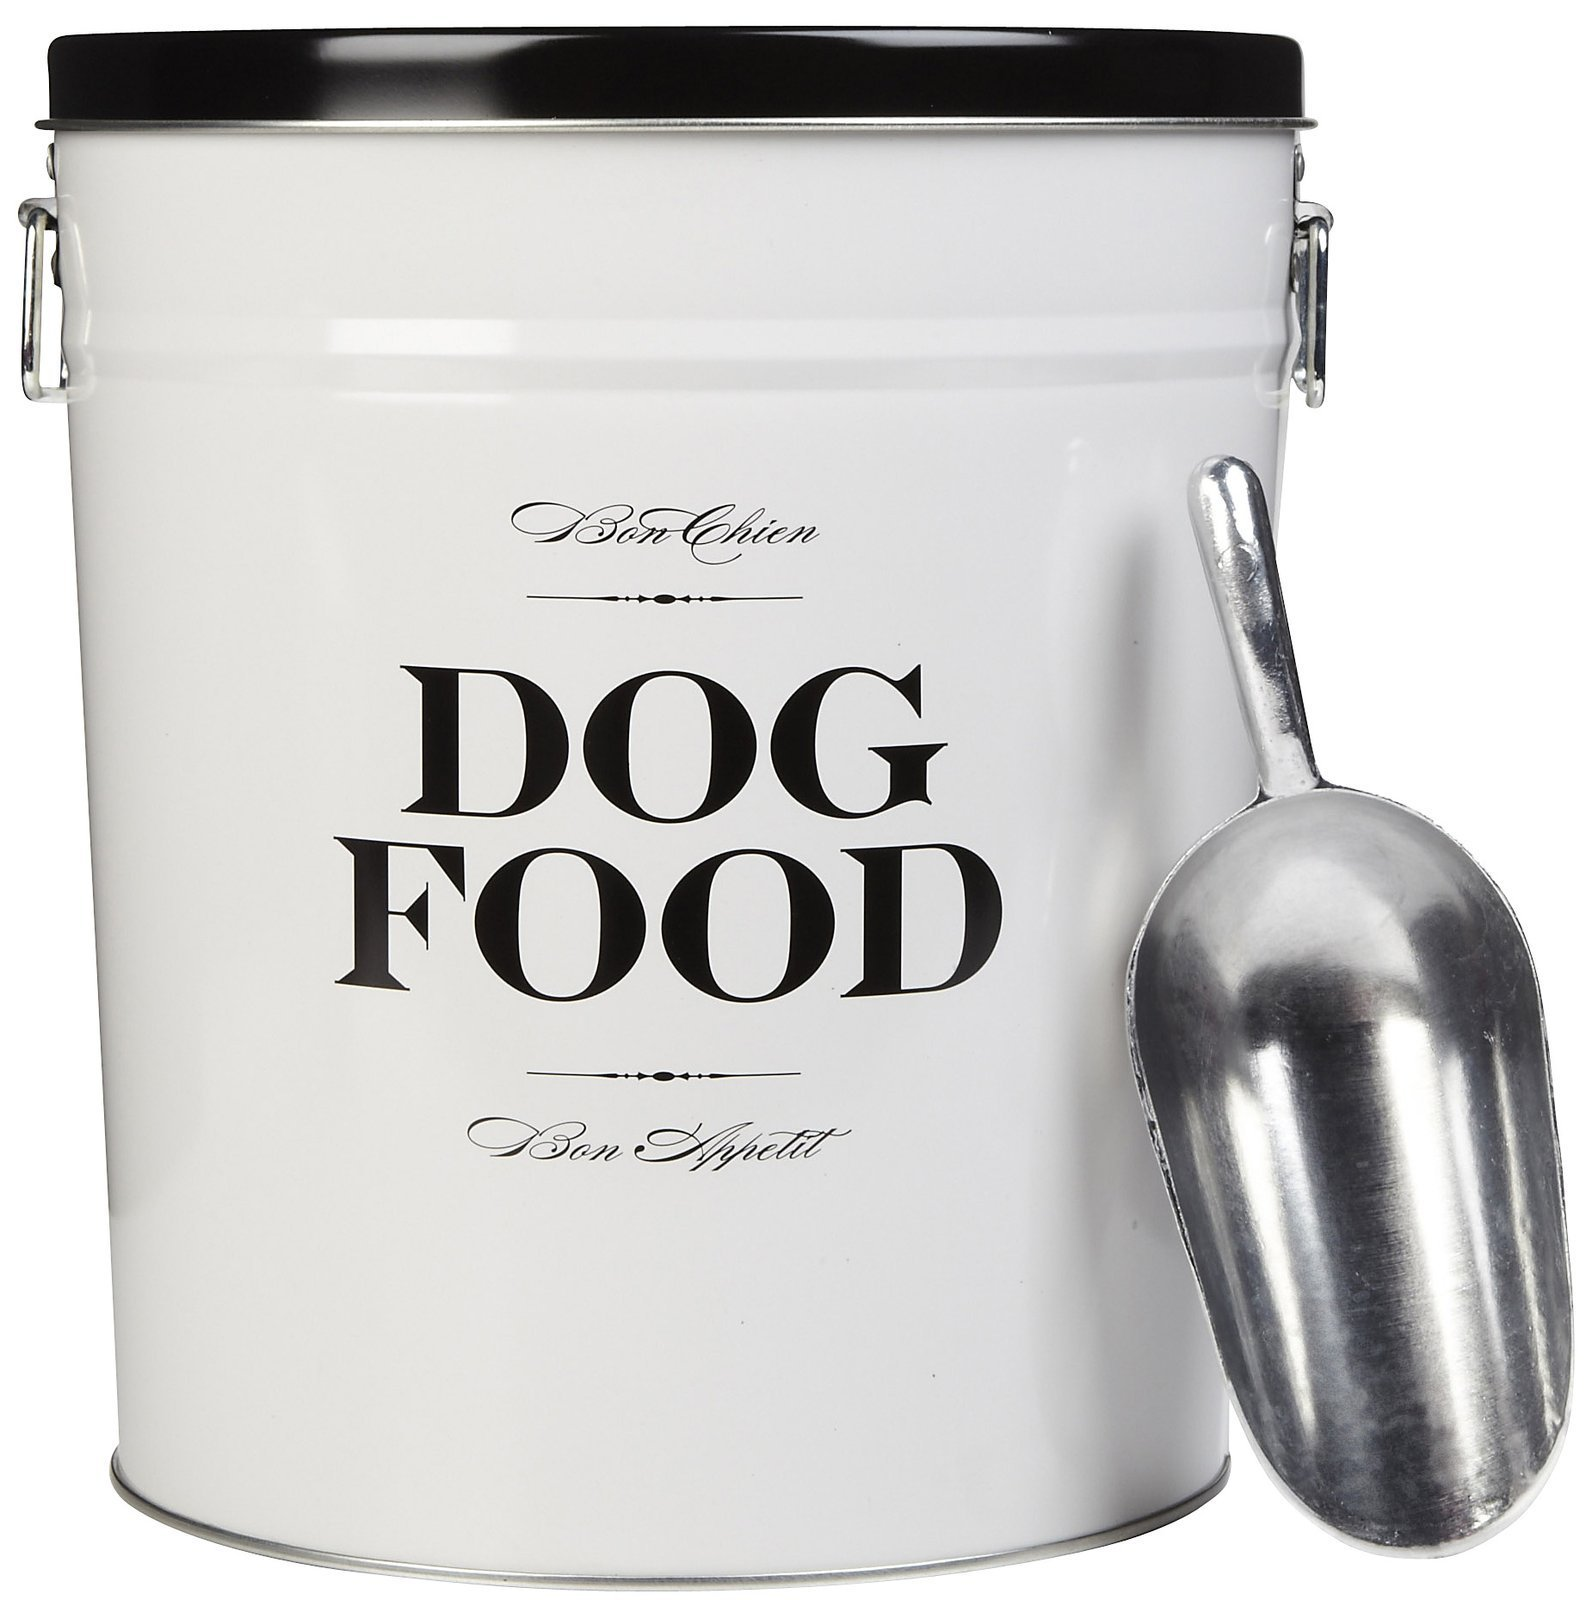 Harry Barker Dog Food Storage Canister - Bon Chien - Black - 40 lb